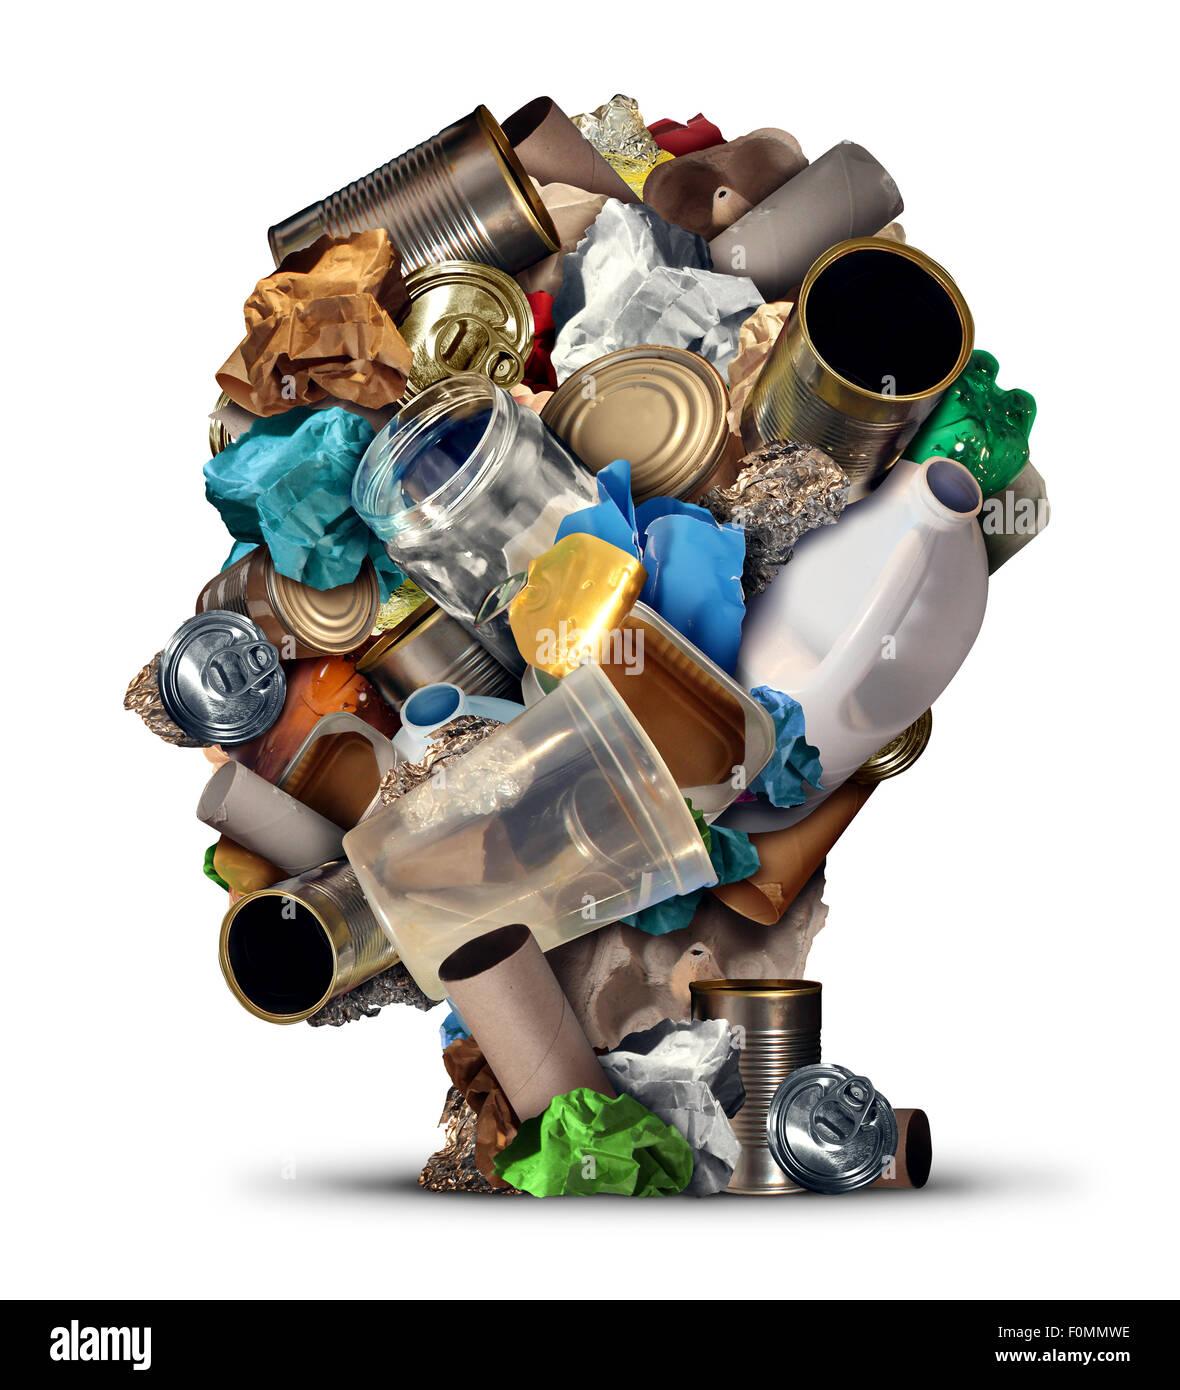 Il riciclo di idee e ambientale gestione rifiuti soluzioni e modi creativi per il riutilizzo di rifiuti come vecchia Immagini Stock